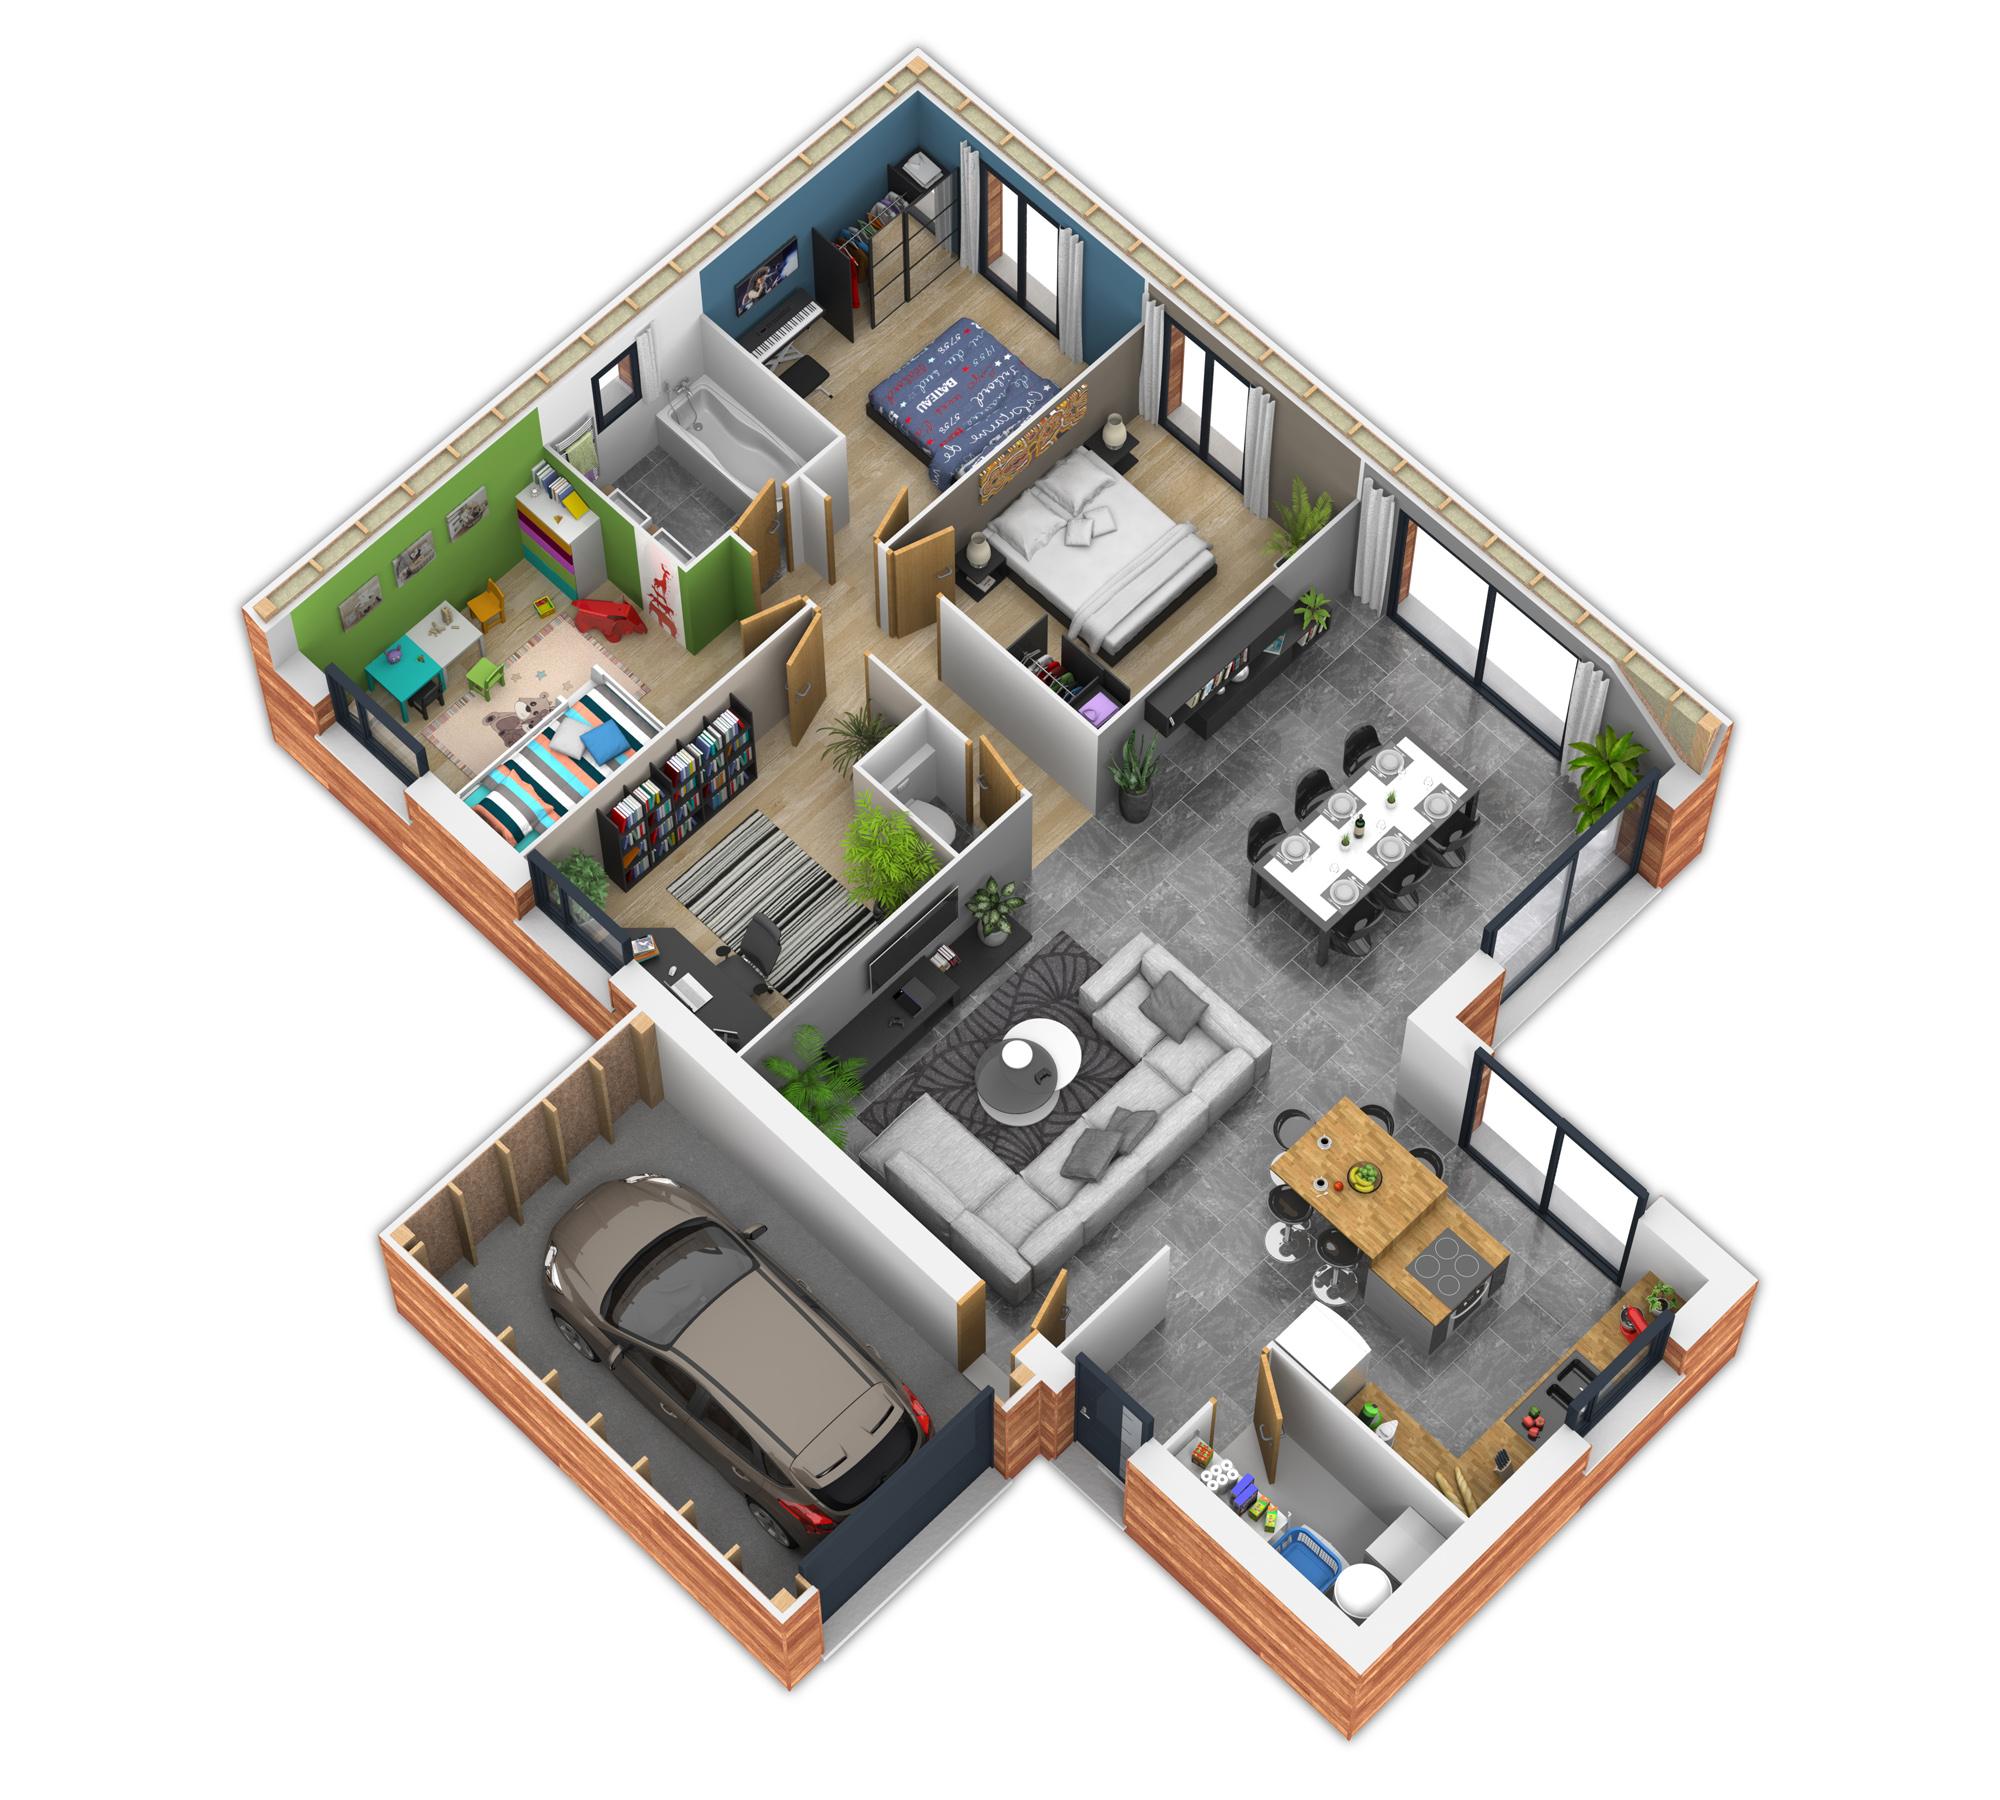 Natisoon toit terrasse mod le de maison en bois natilia for Meilleur constructeur maison